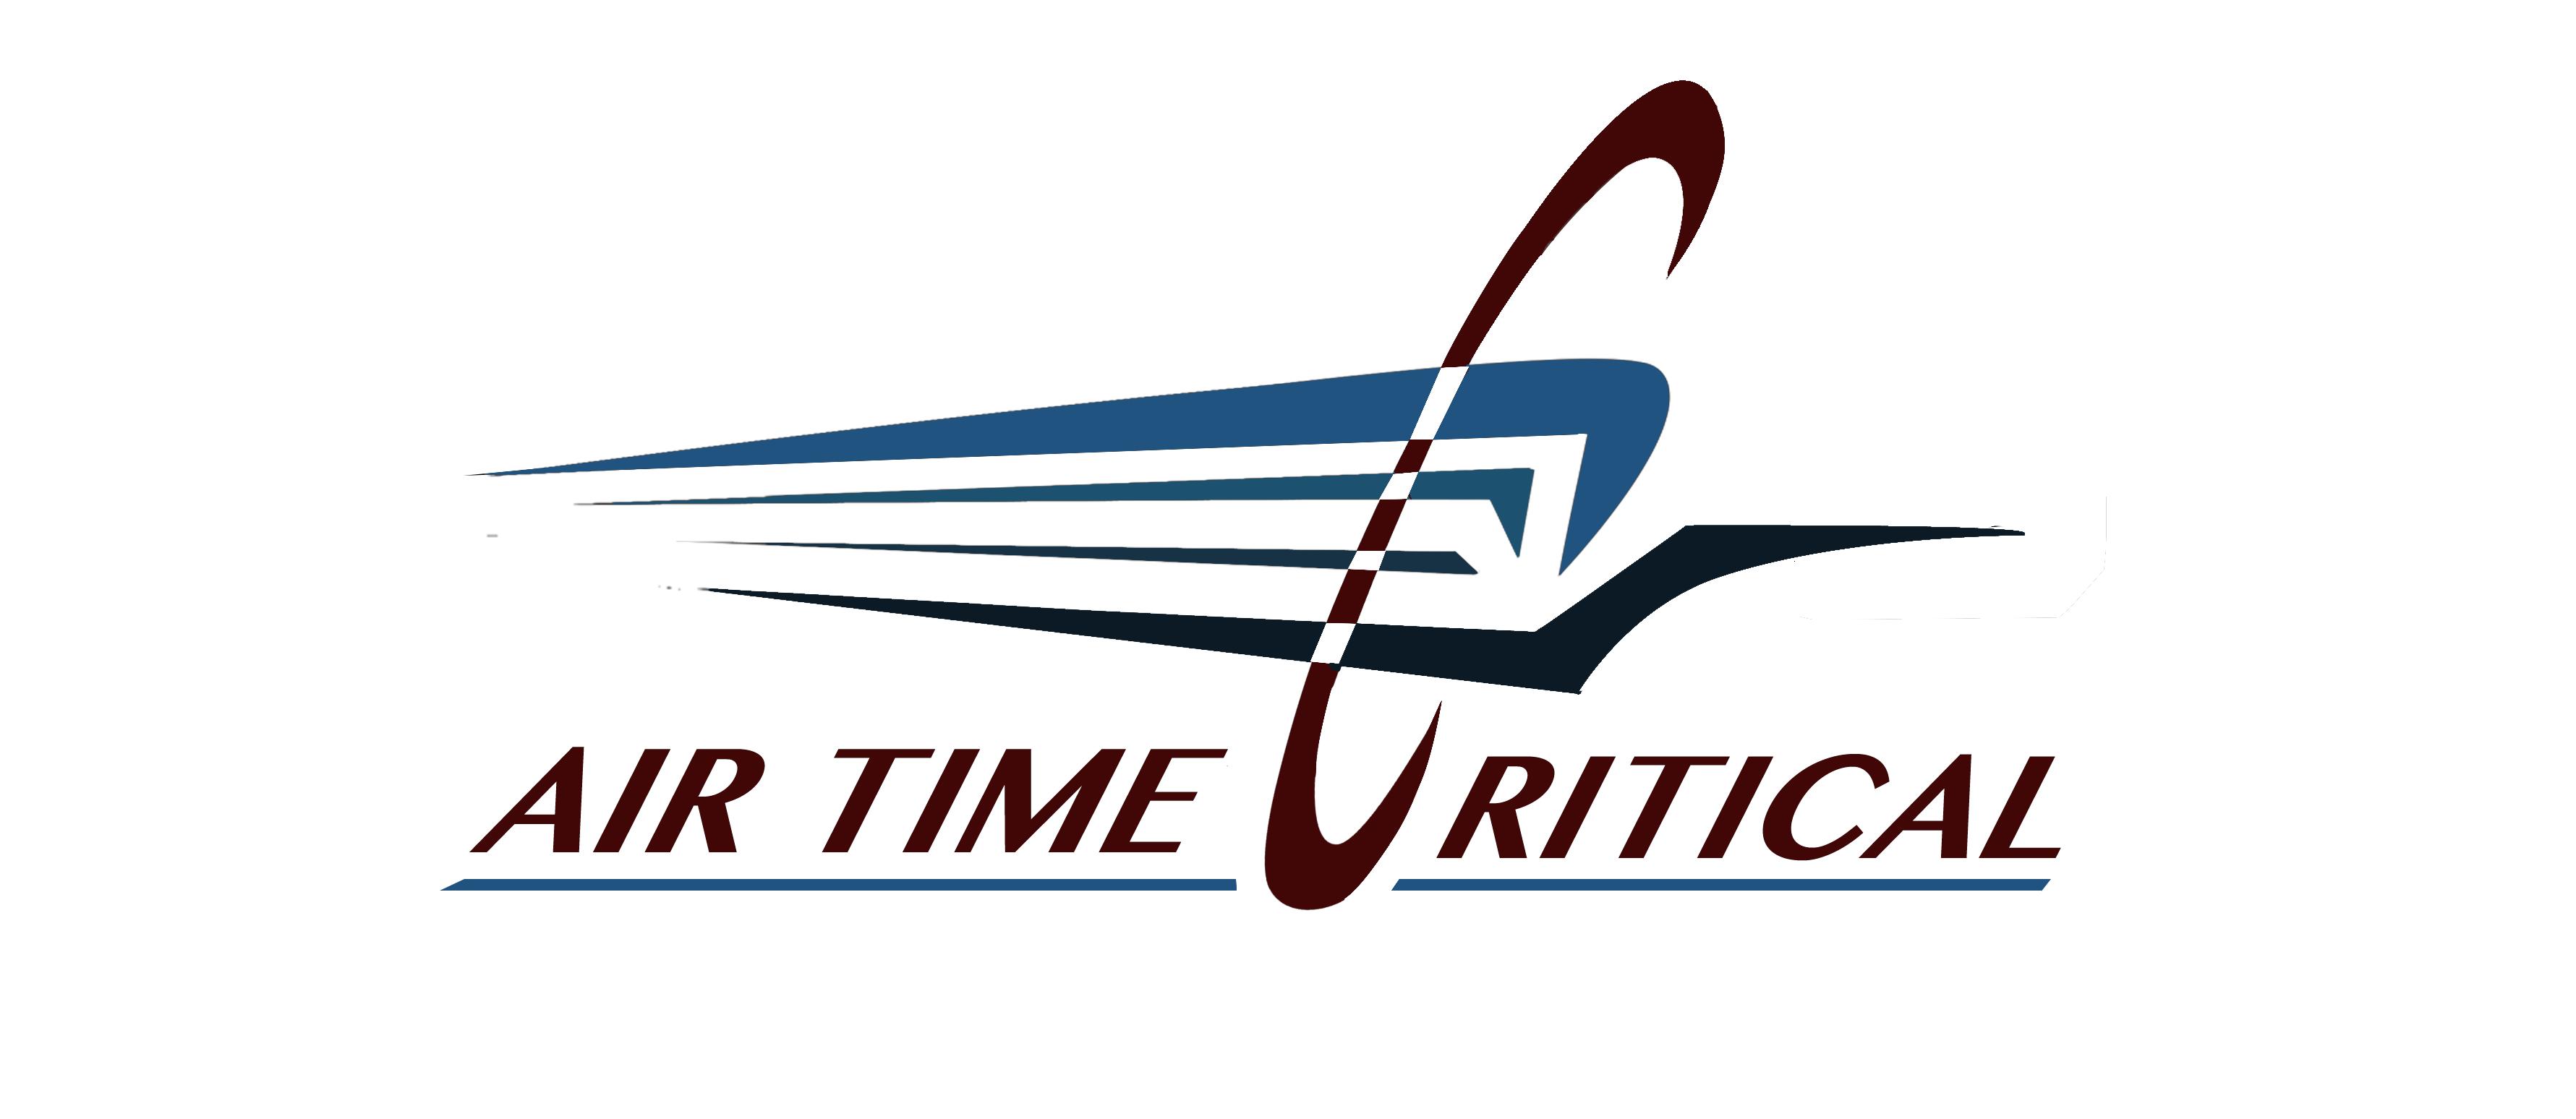 Air Time Critical - fret aérien urgent pour l'industrie transport routier (lots complets, marchandises diverses)